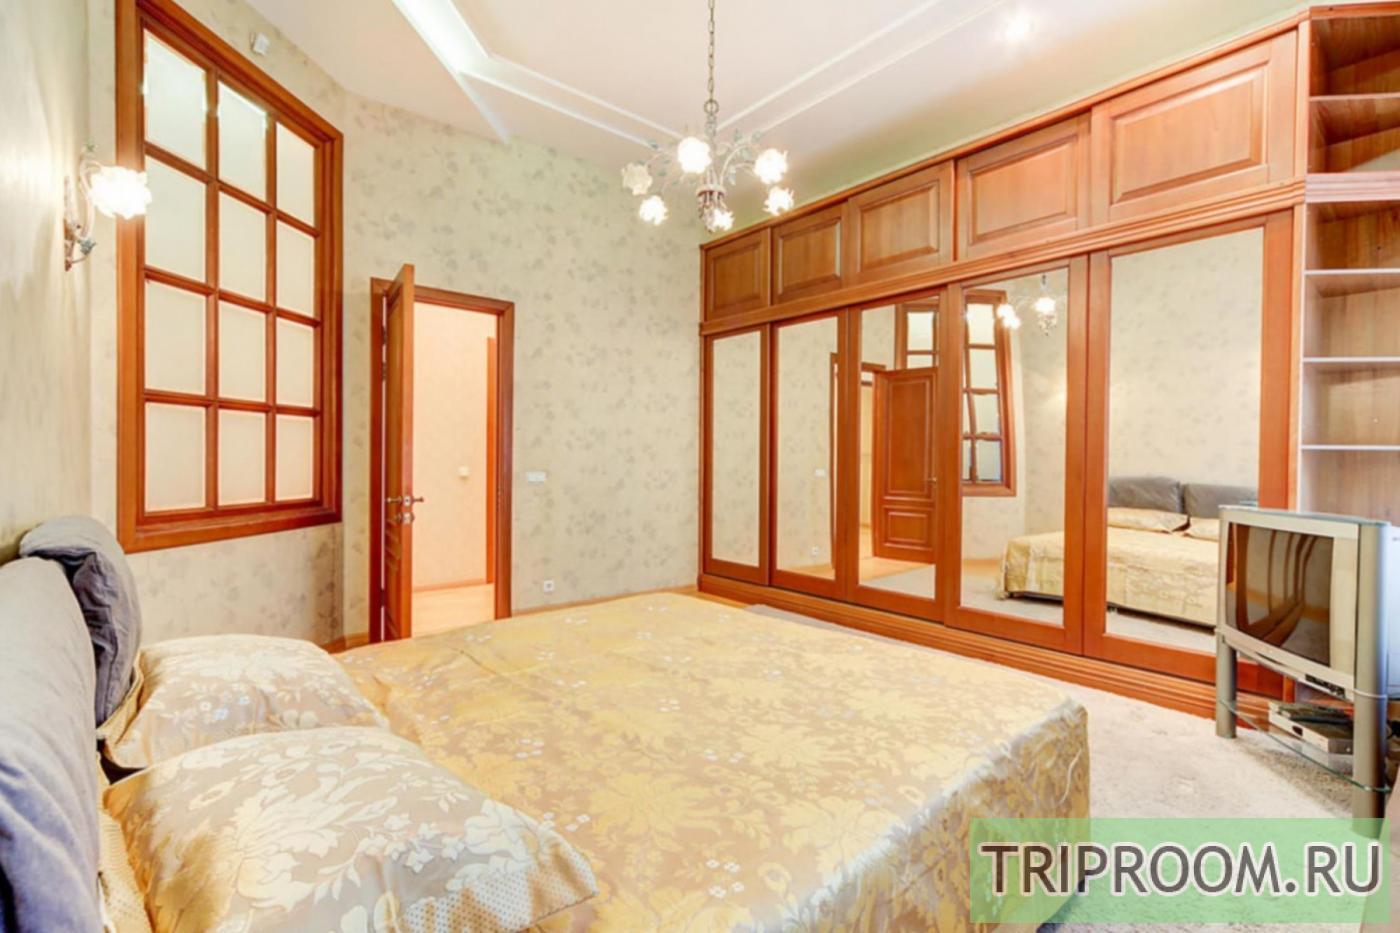 1-комнатная квартира посуточно (вариант № 33288), ул. Островского пер, фото № 3